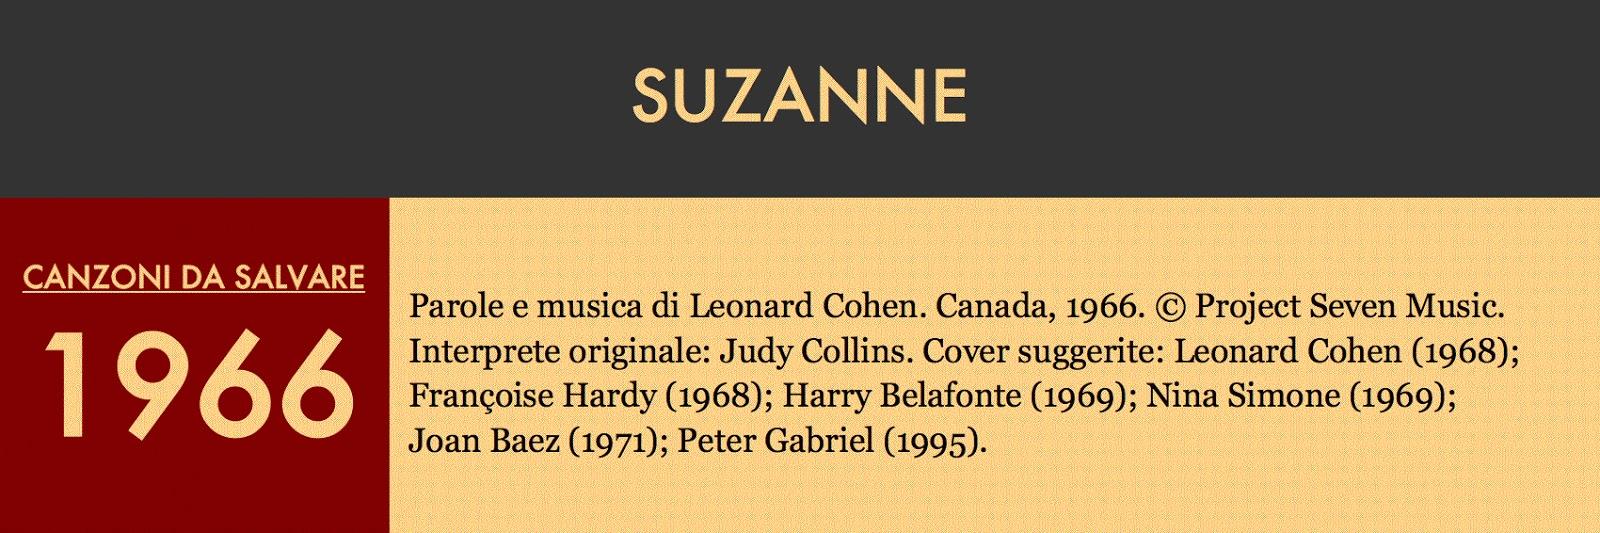 """b7df495a6b Giù al fiume. Suzanne è il ritratto stilizzato, ermetico e denso di  simbolismi biblici ed evangelici, di una """"casta Susanna al bagno"""" un po'  bislacca e un ..."""